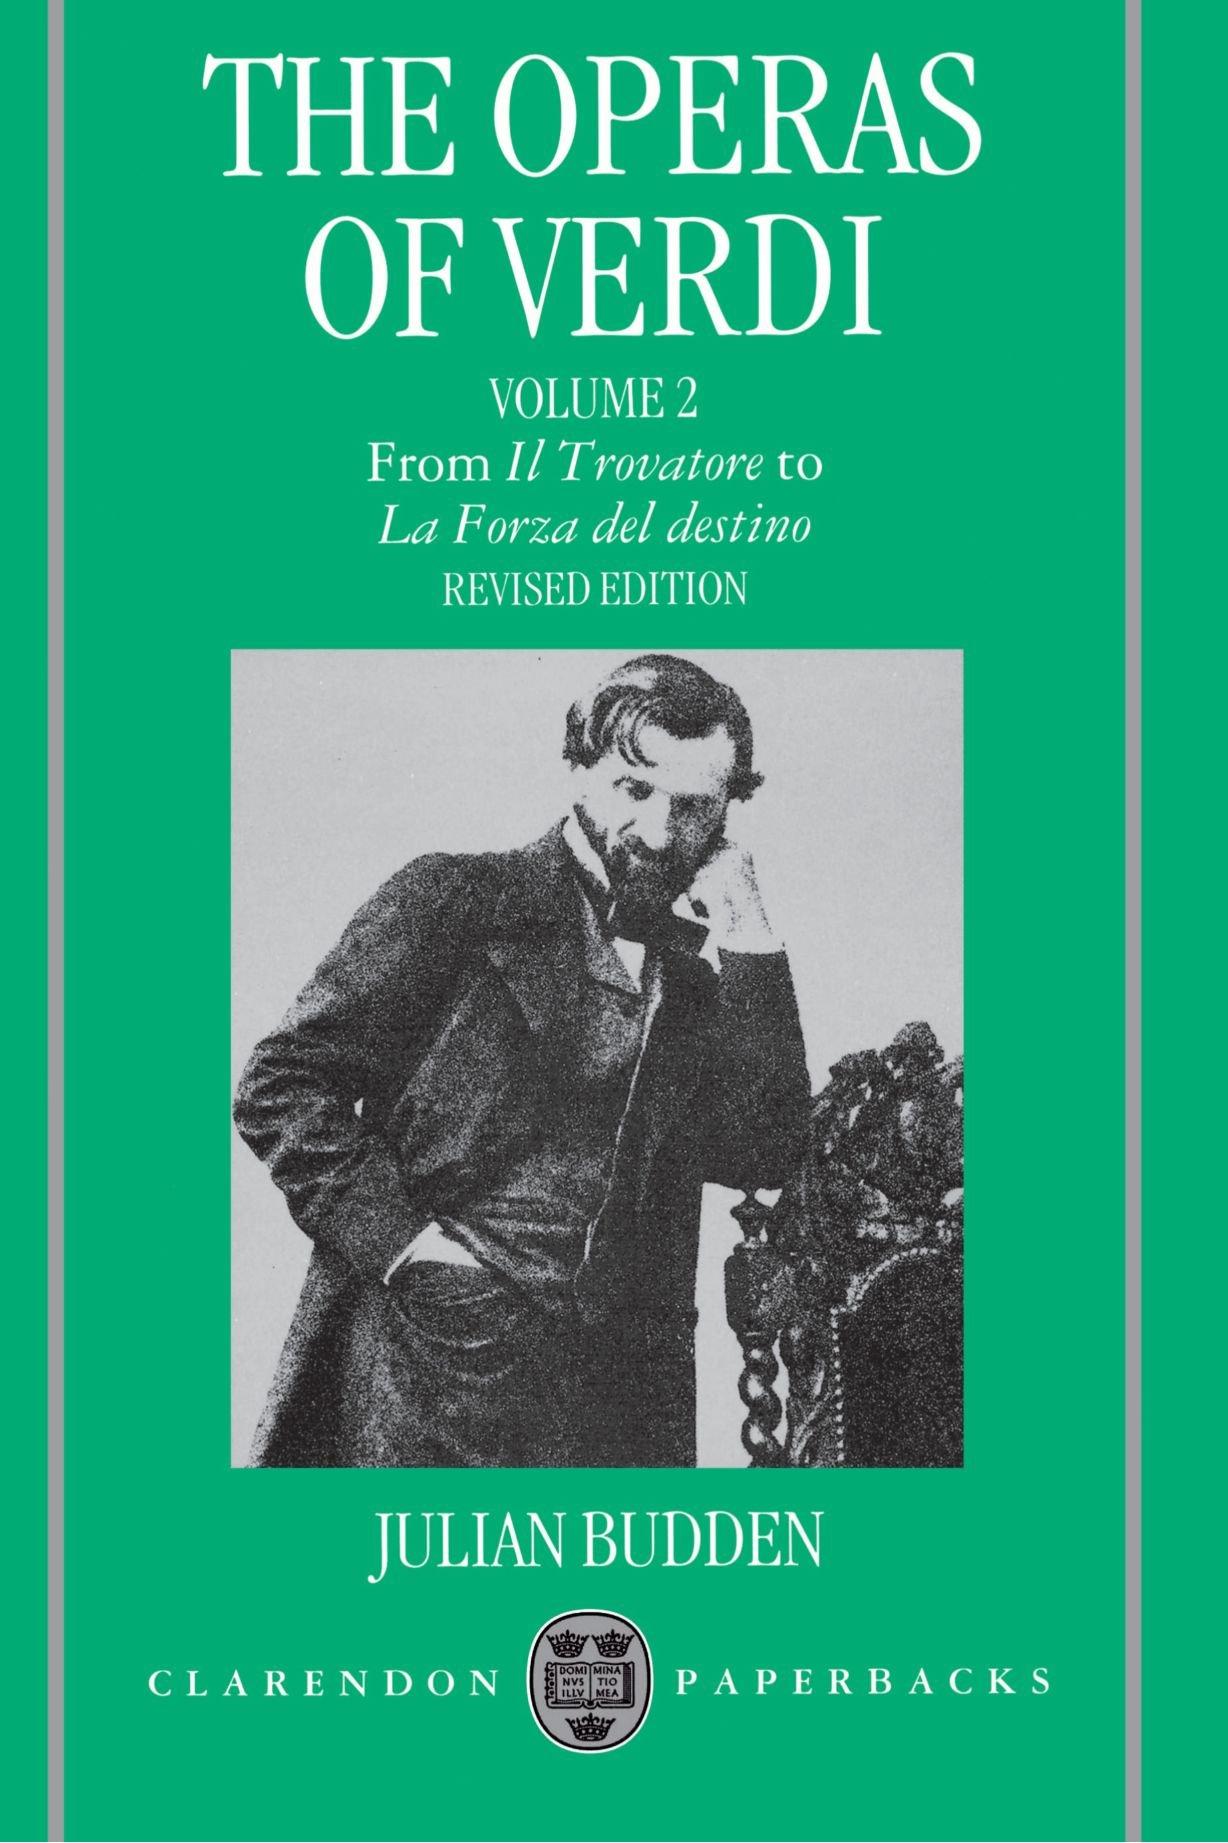 The operas of verdi volume 2 from il trovatore to la forza del destino clarendon paperbacks julian budden 9780198162629 amazon com books